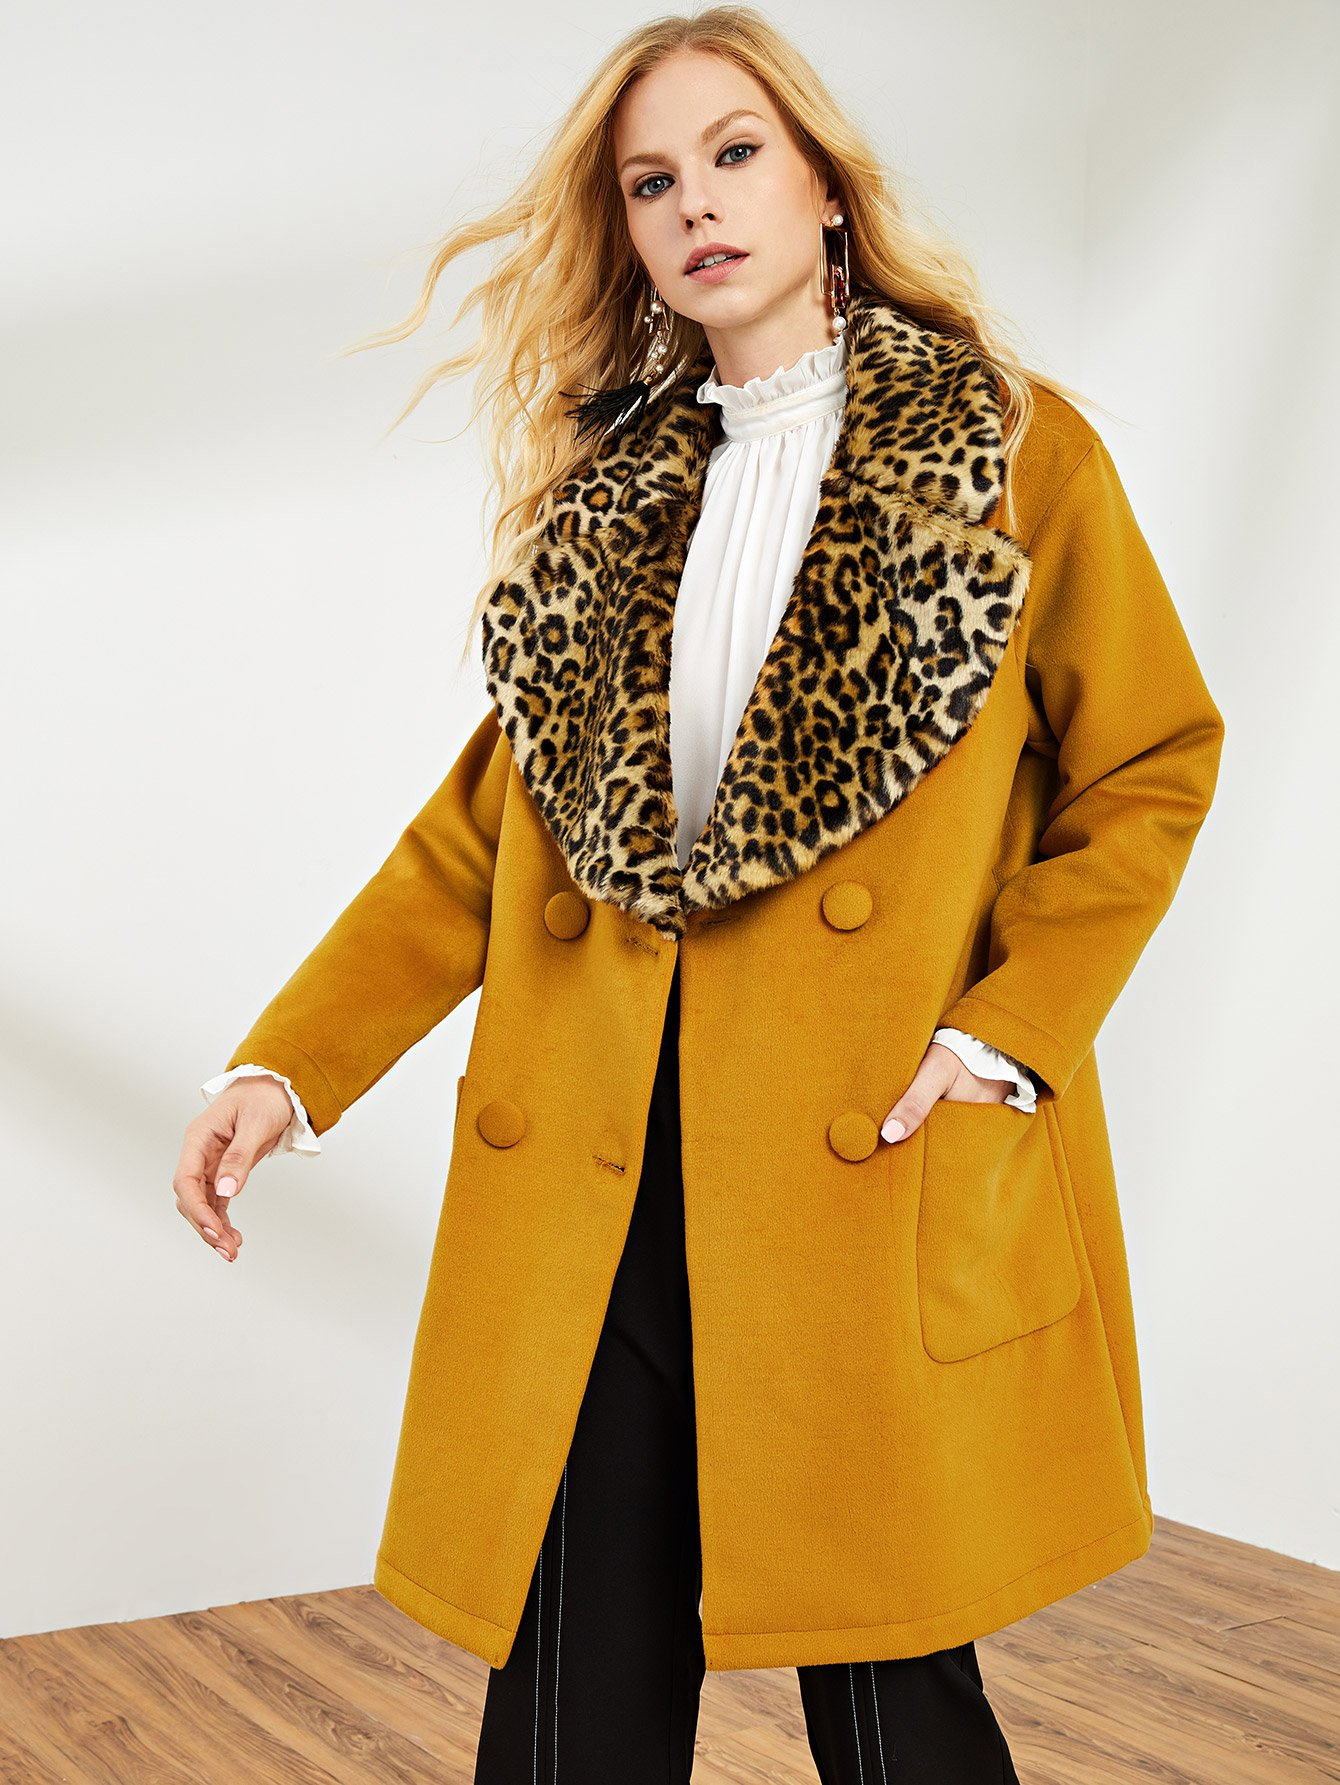 Купить Преувеличивает двойное бисерное пальто Leopard Collar, Denisa, SheIn